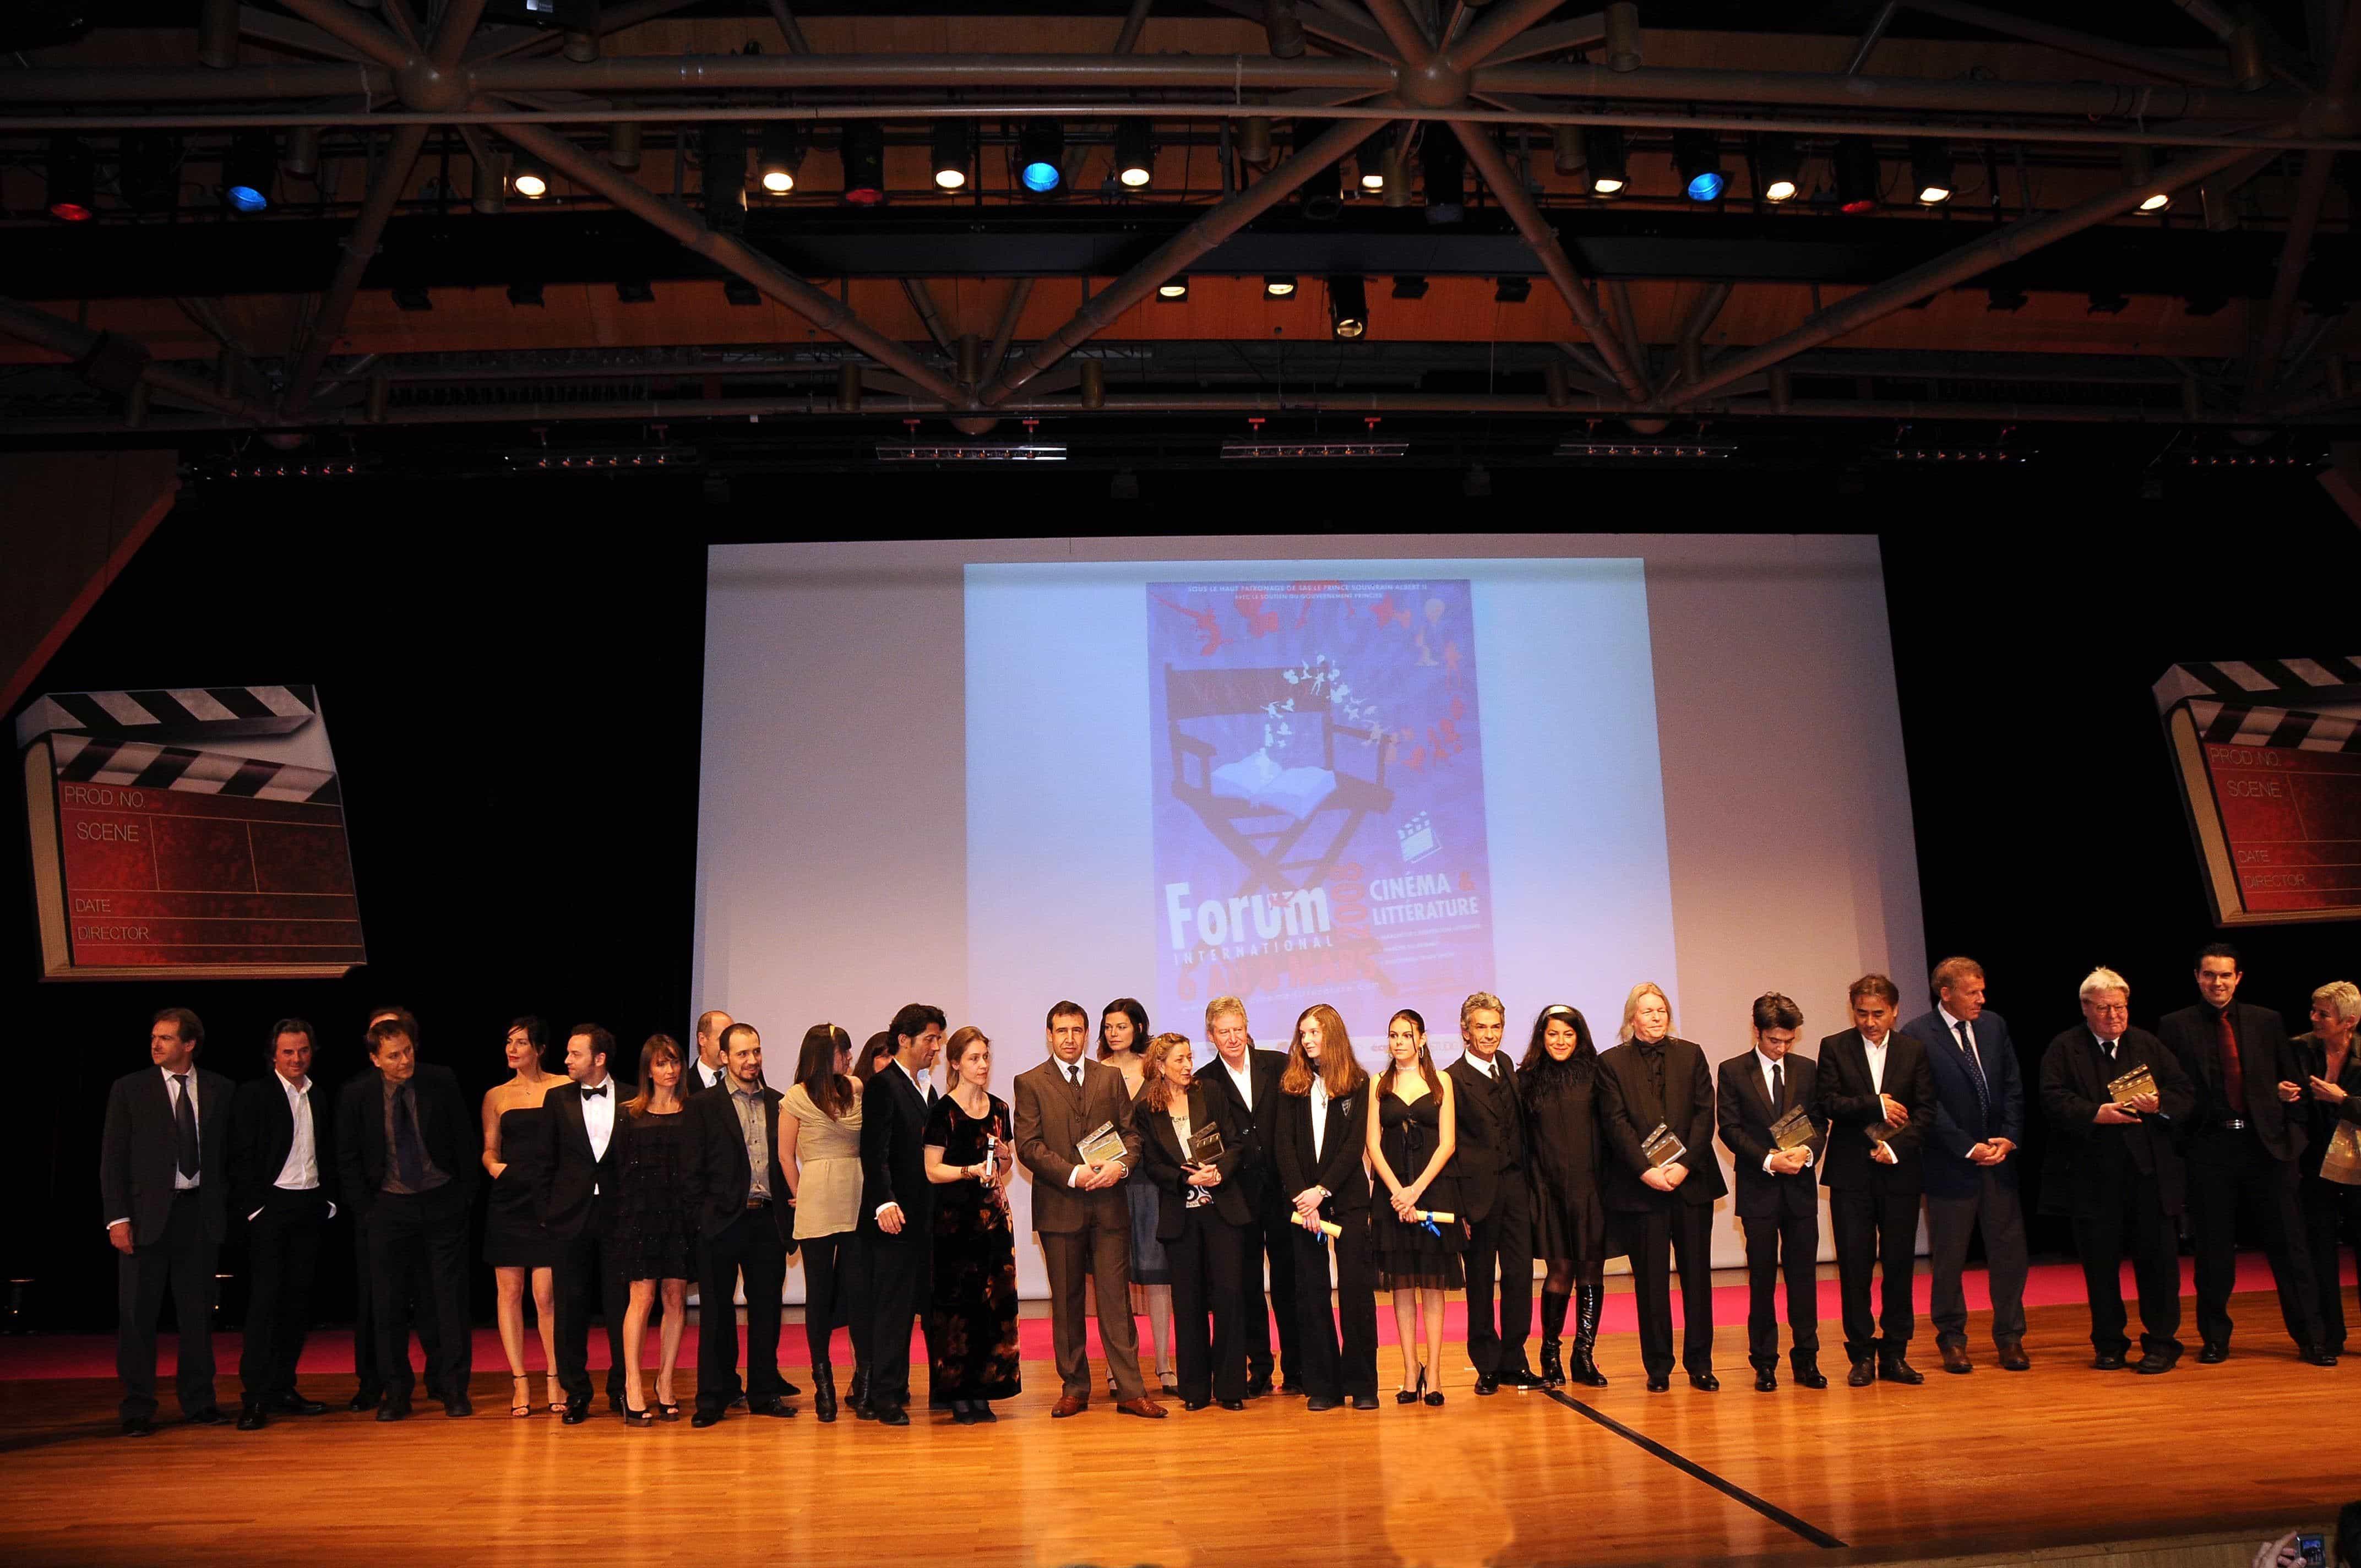 R.G. et PERSEPOLIS récompensés au Forum  International Cinéma & Littérature